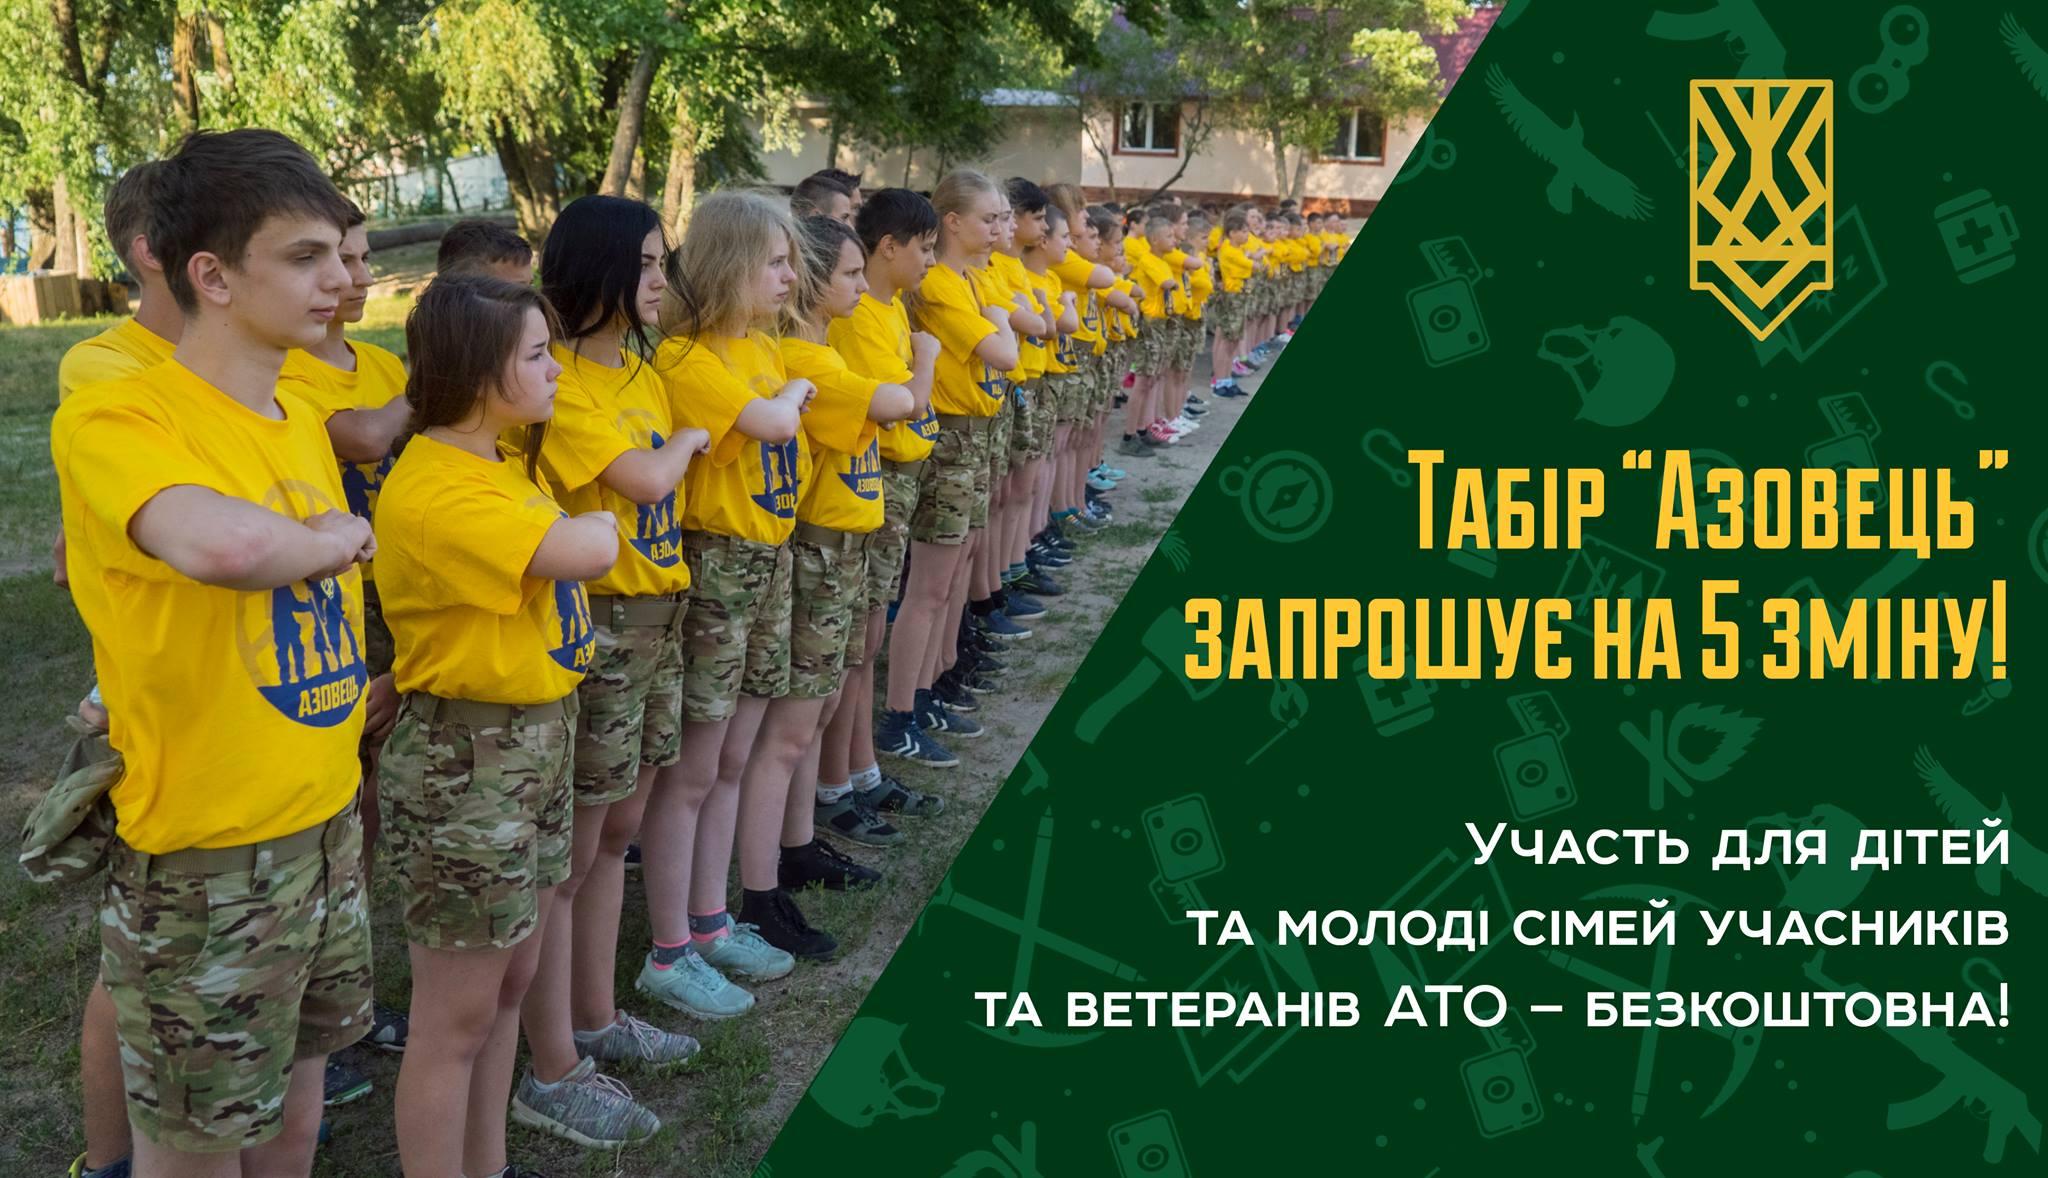 """Закарпатську молодь запрошують відвідати юнацький табір """"Азовець"""""""